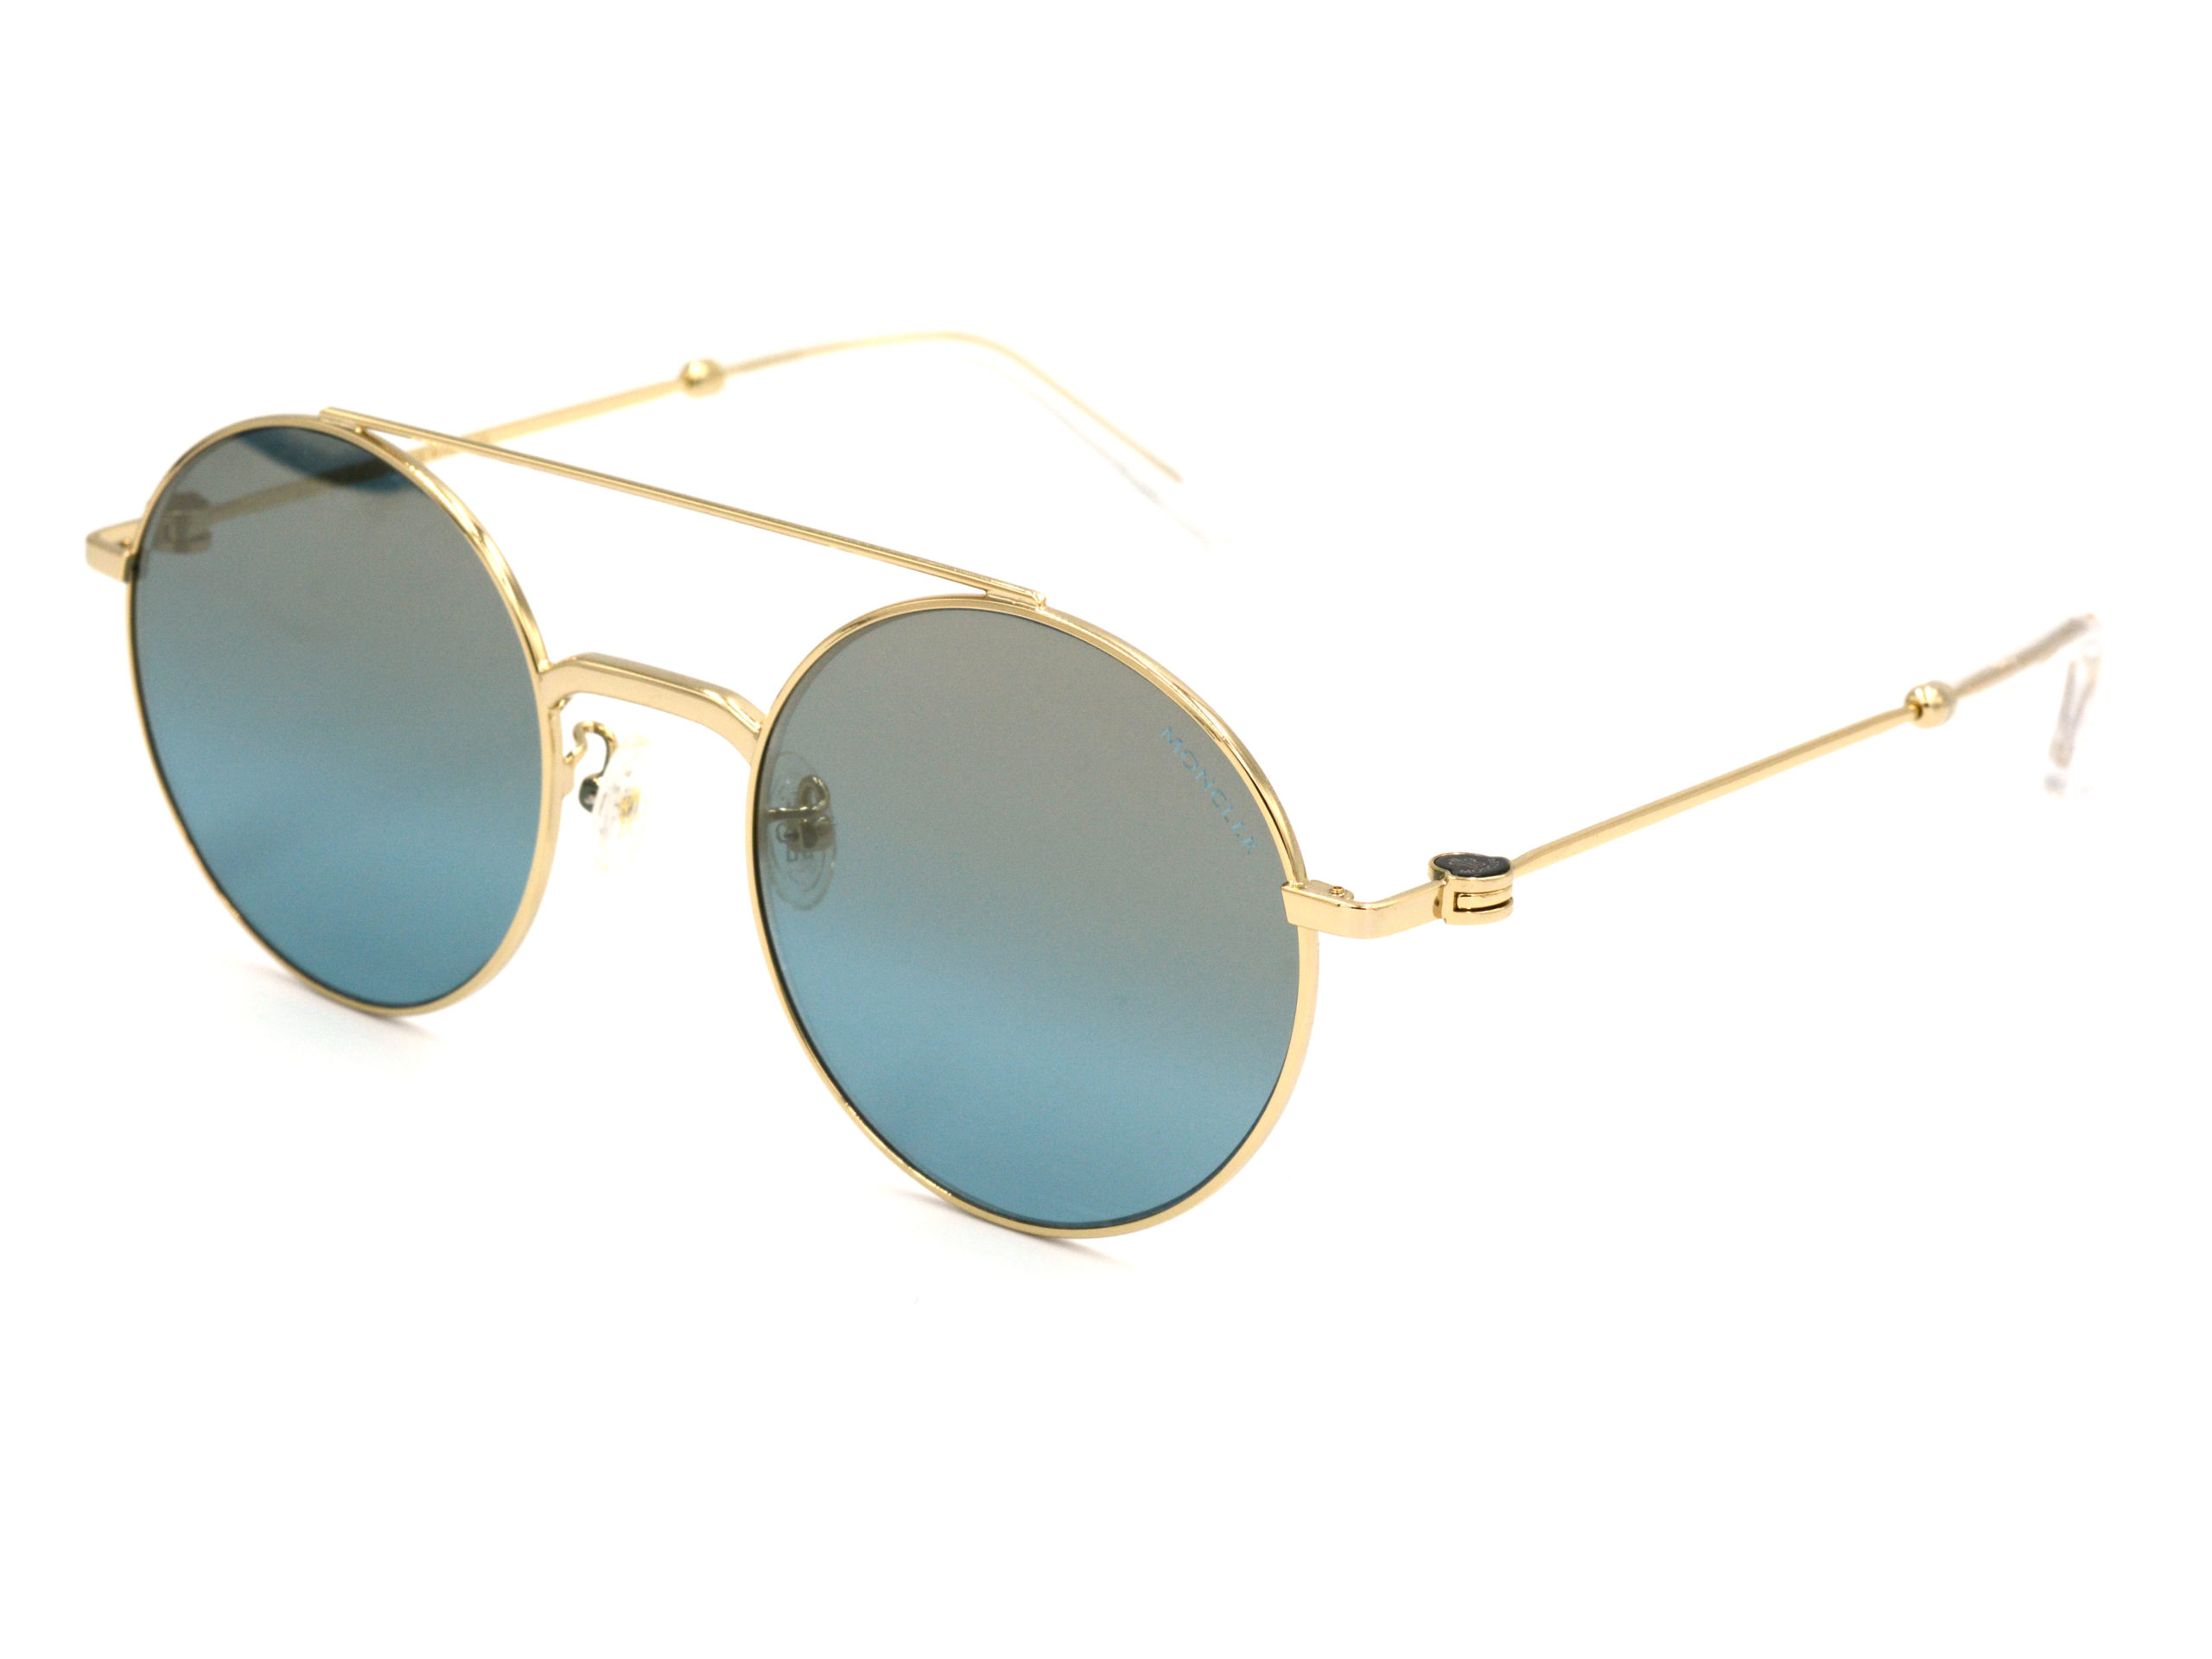 Sunglasses MONCLER ML0025 32X 54-22-145 Unisex 2020